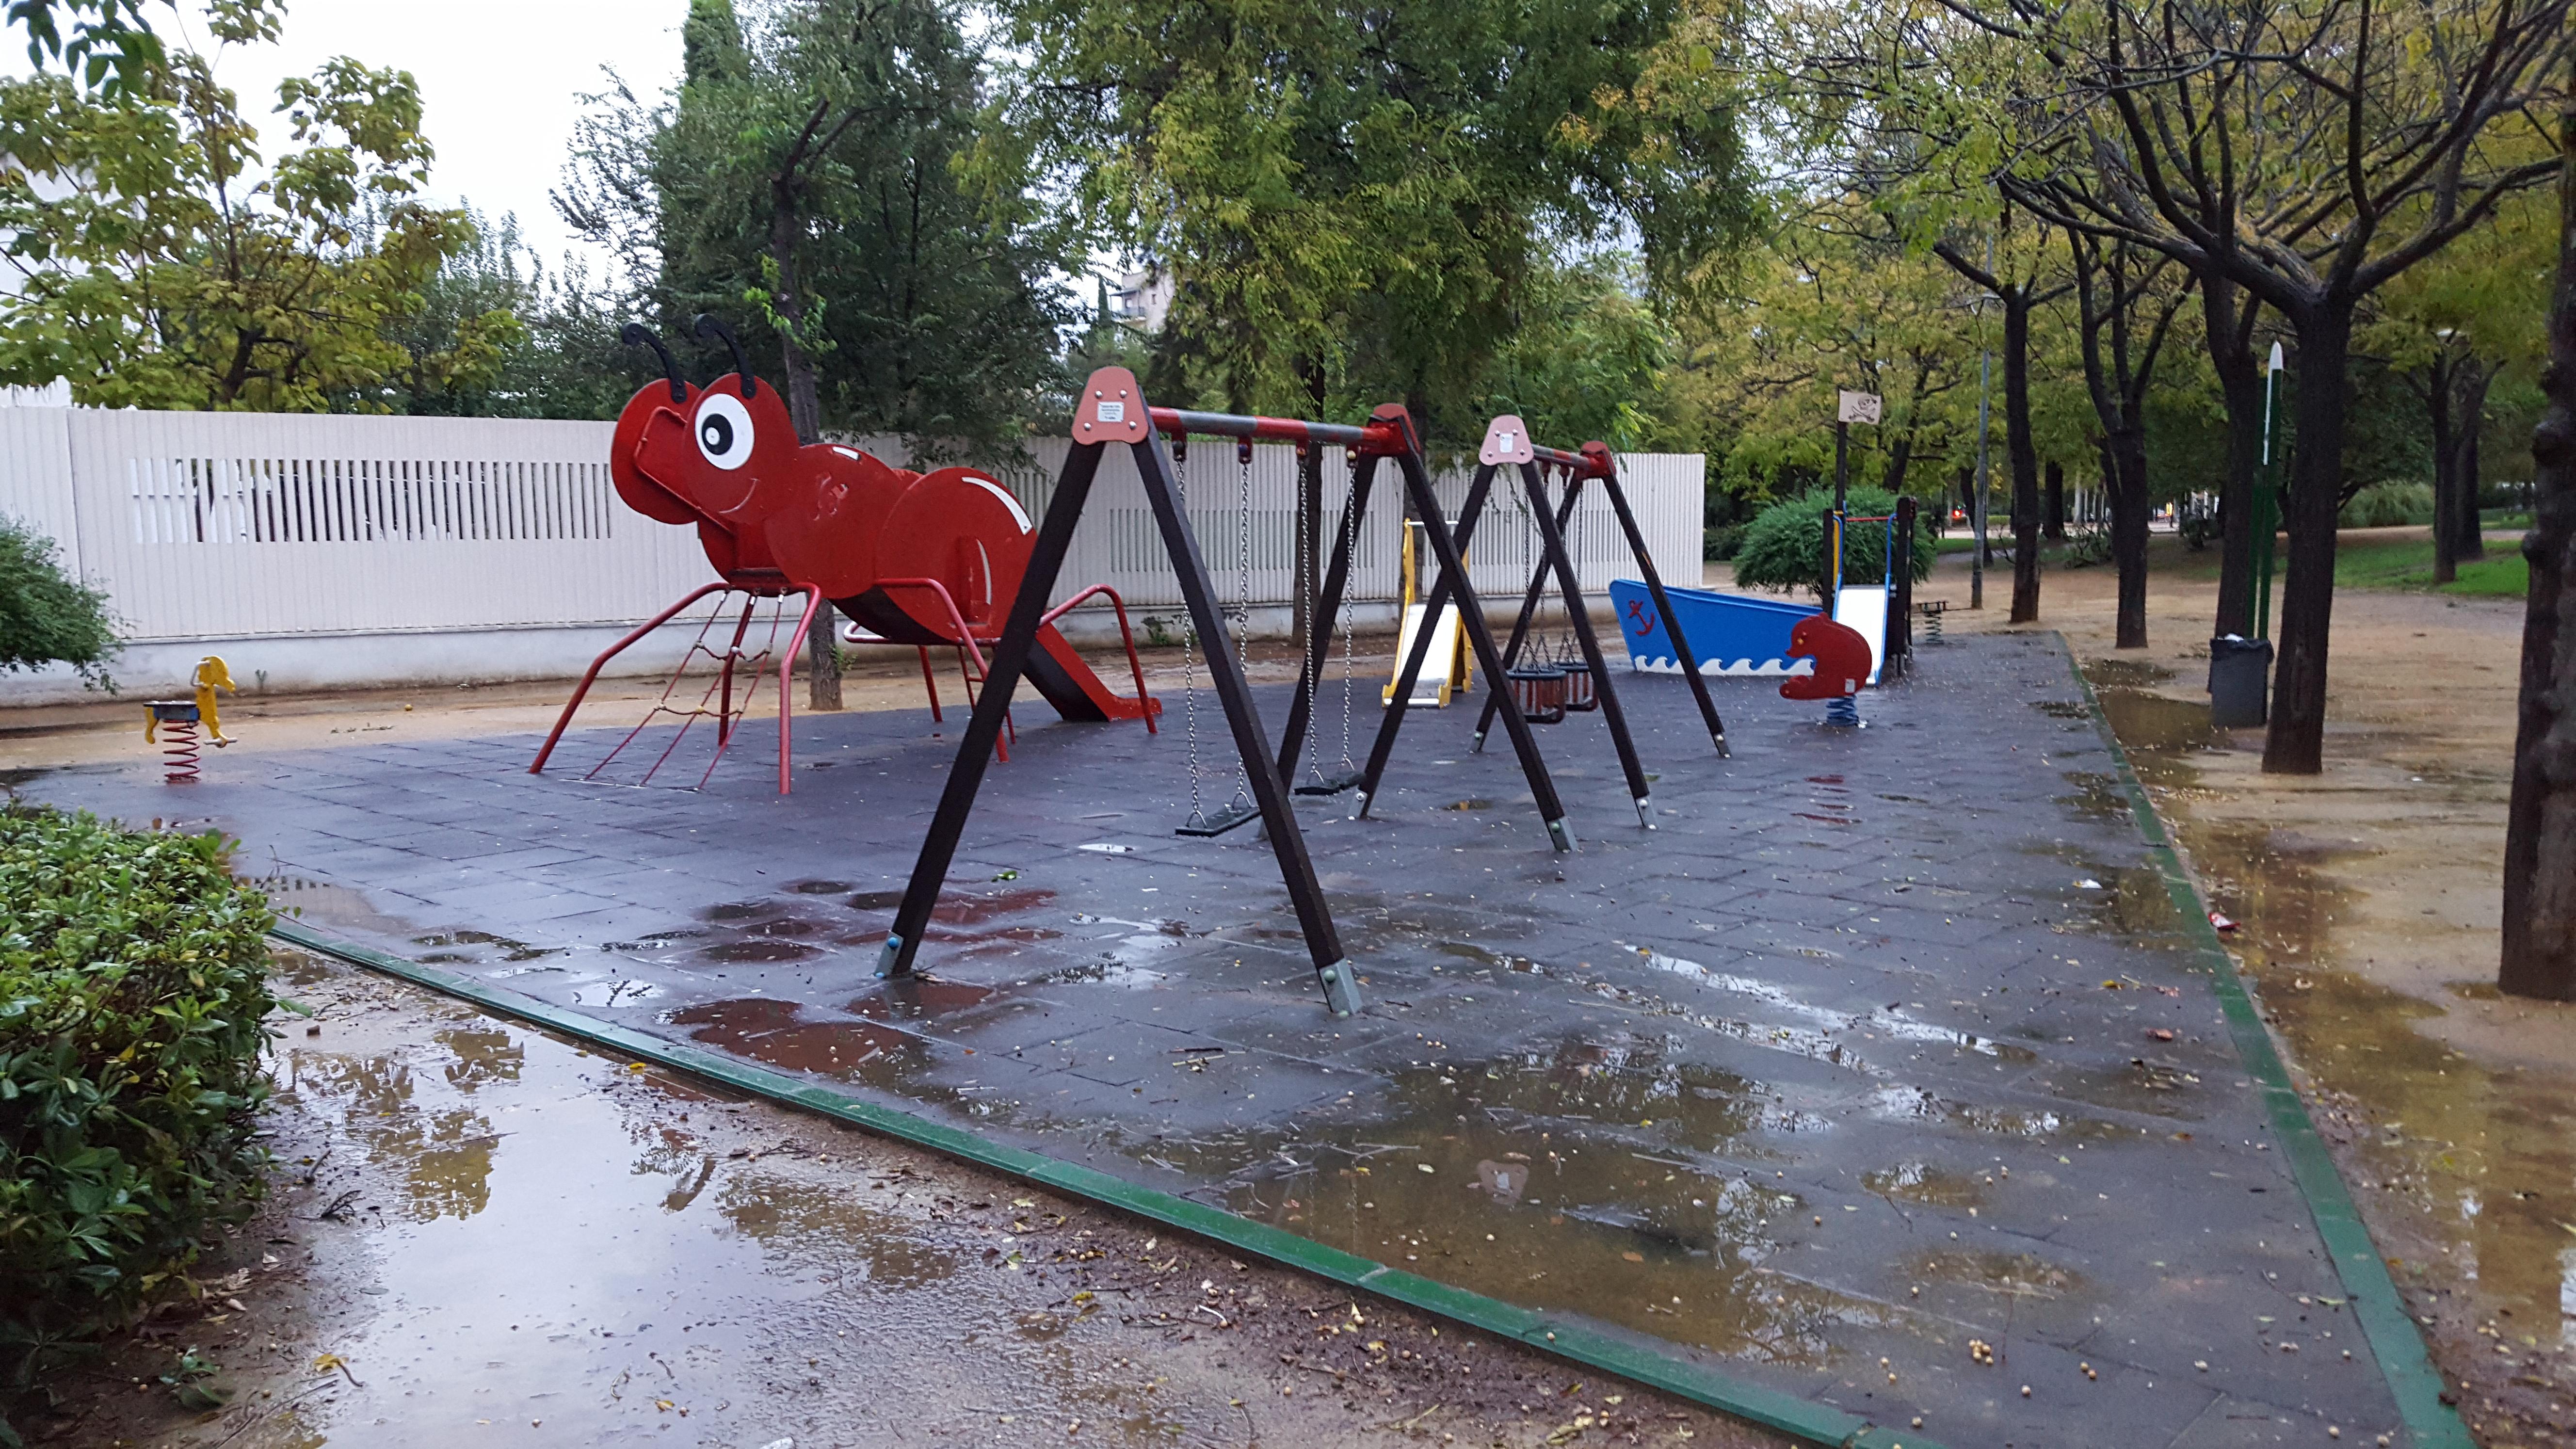 Parque de jos celestino mutis sevilla an lisis cr tico - Mobiliario infantil sevilla ...